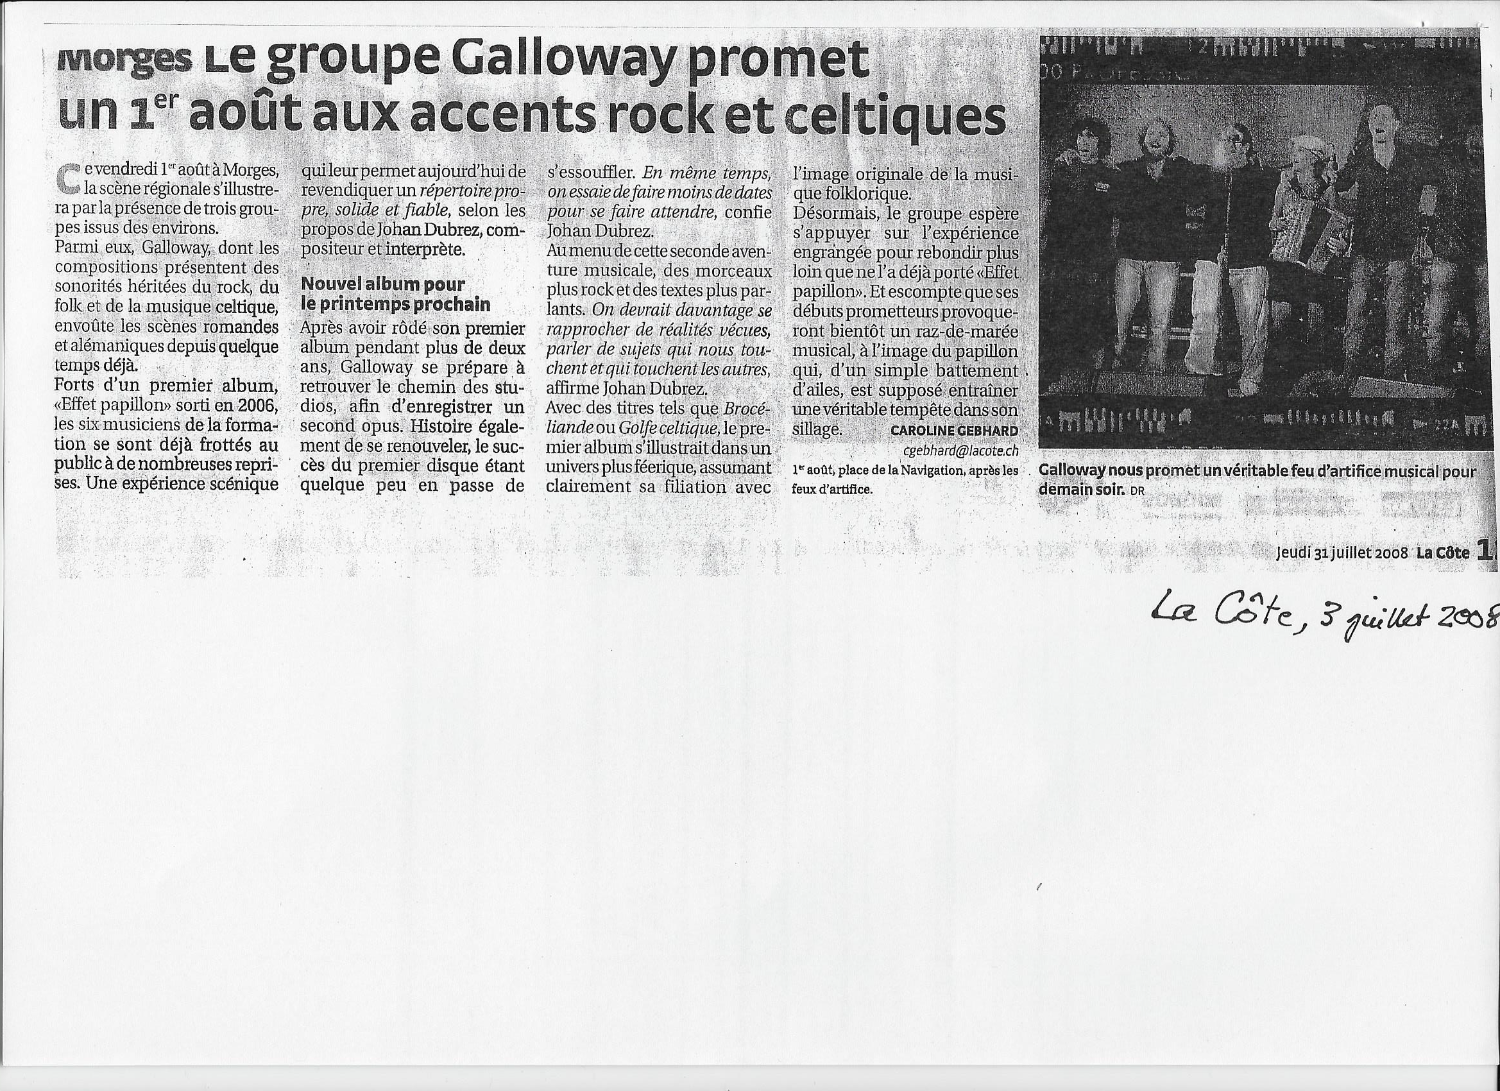 La Côte, 03.07_edited